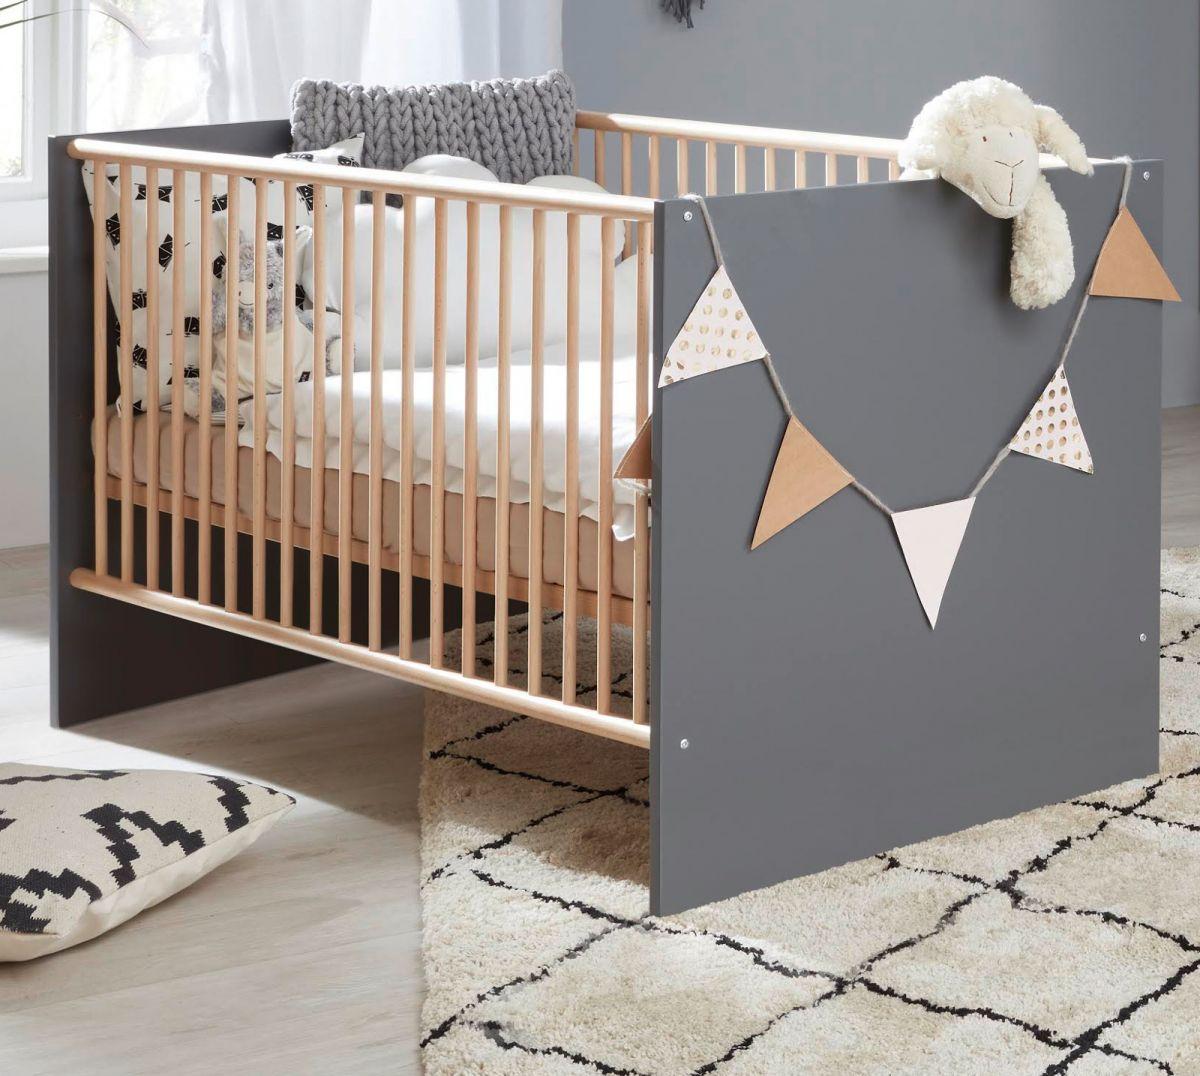 Babybett Mats grau matt und Eiche Sonoma 70 x 140 cm Gitterbett mit Schlupfsprossen und Lattenrost